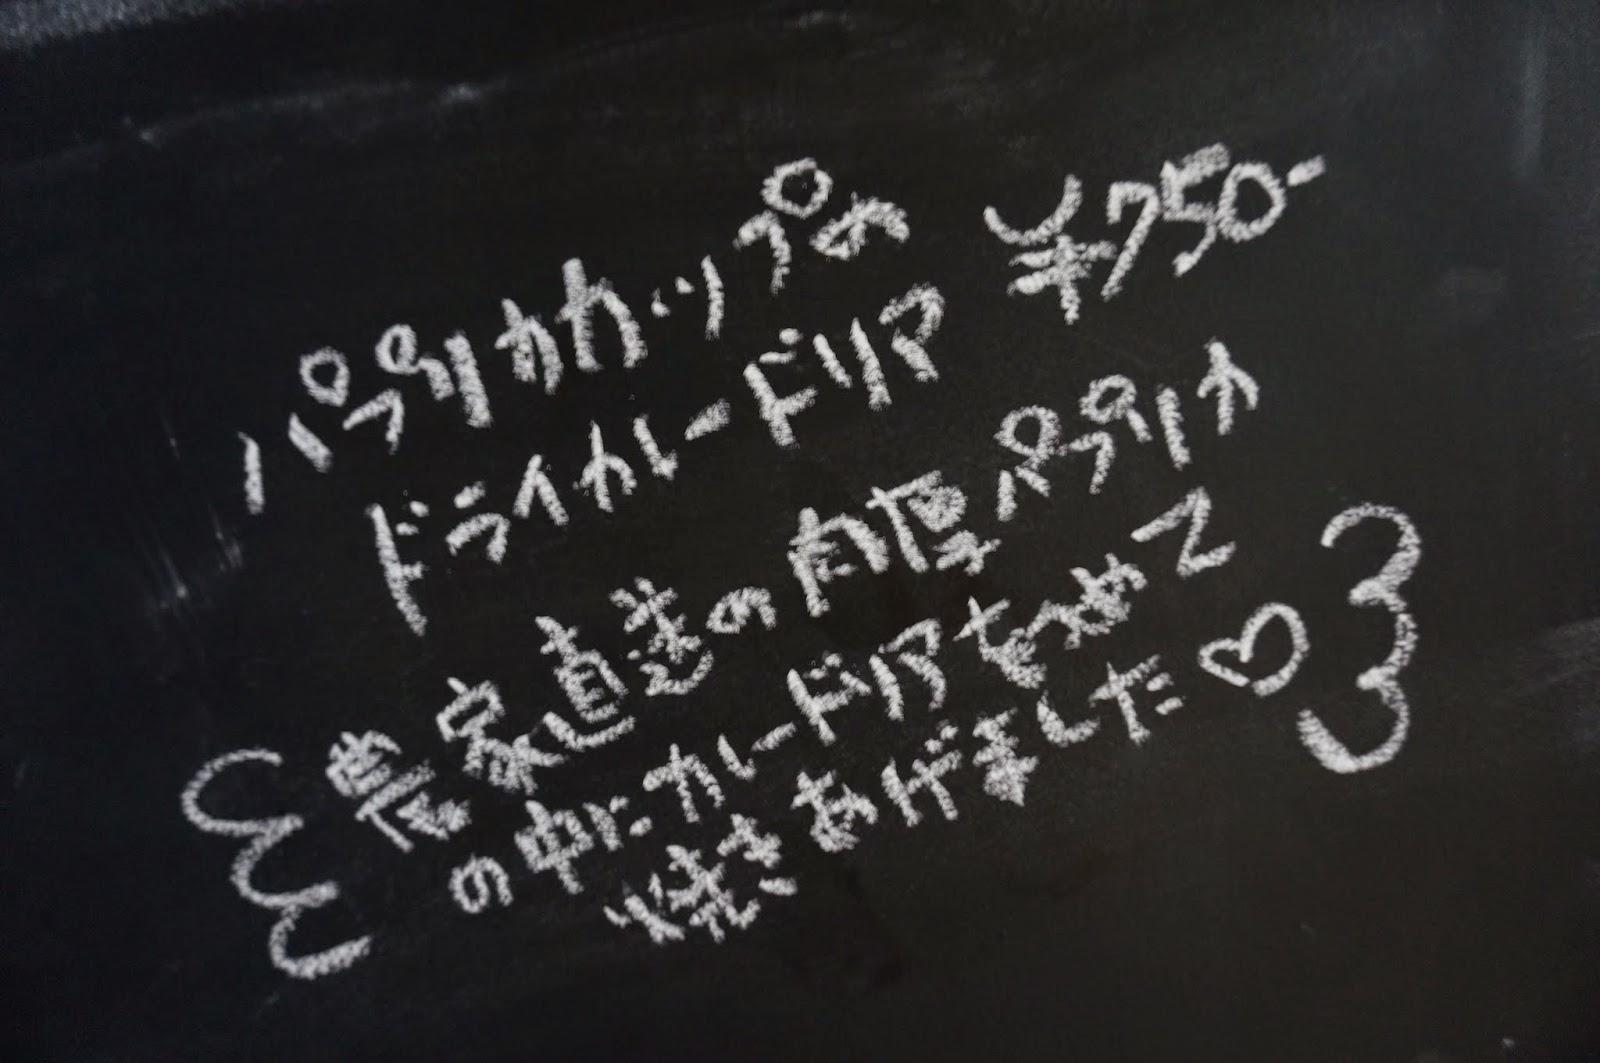 金沢 ディナー カフェ & バー ミクカ cafe & bar micka